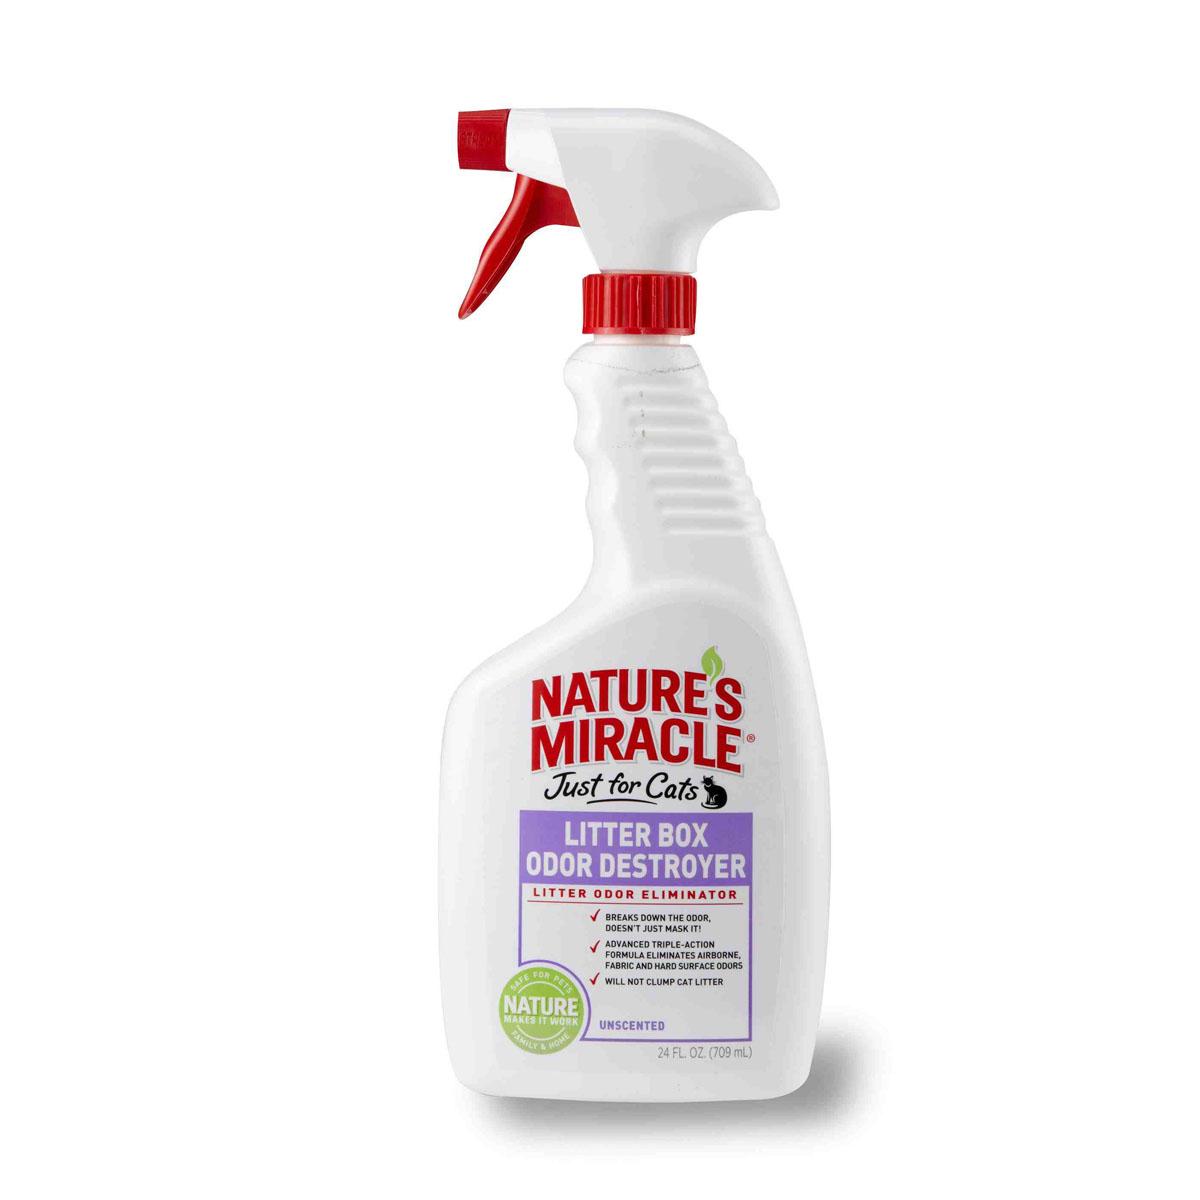 Спрей 8 in 1 Nature's Miracle, для устранения запаха кошачьего туалета, 709 мл лайна мс спрей для удаления меток и запахов домаш животных пихта 0 75л